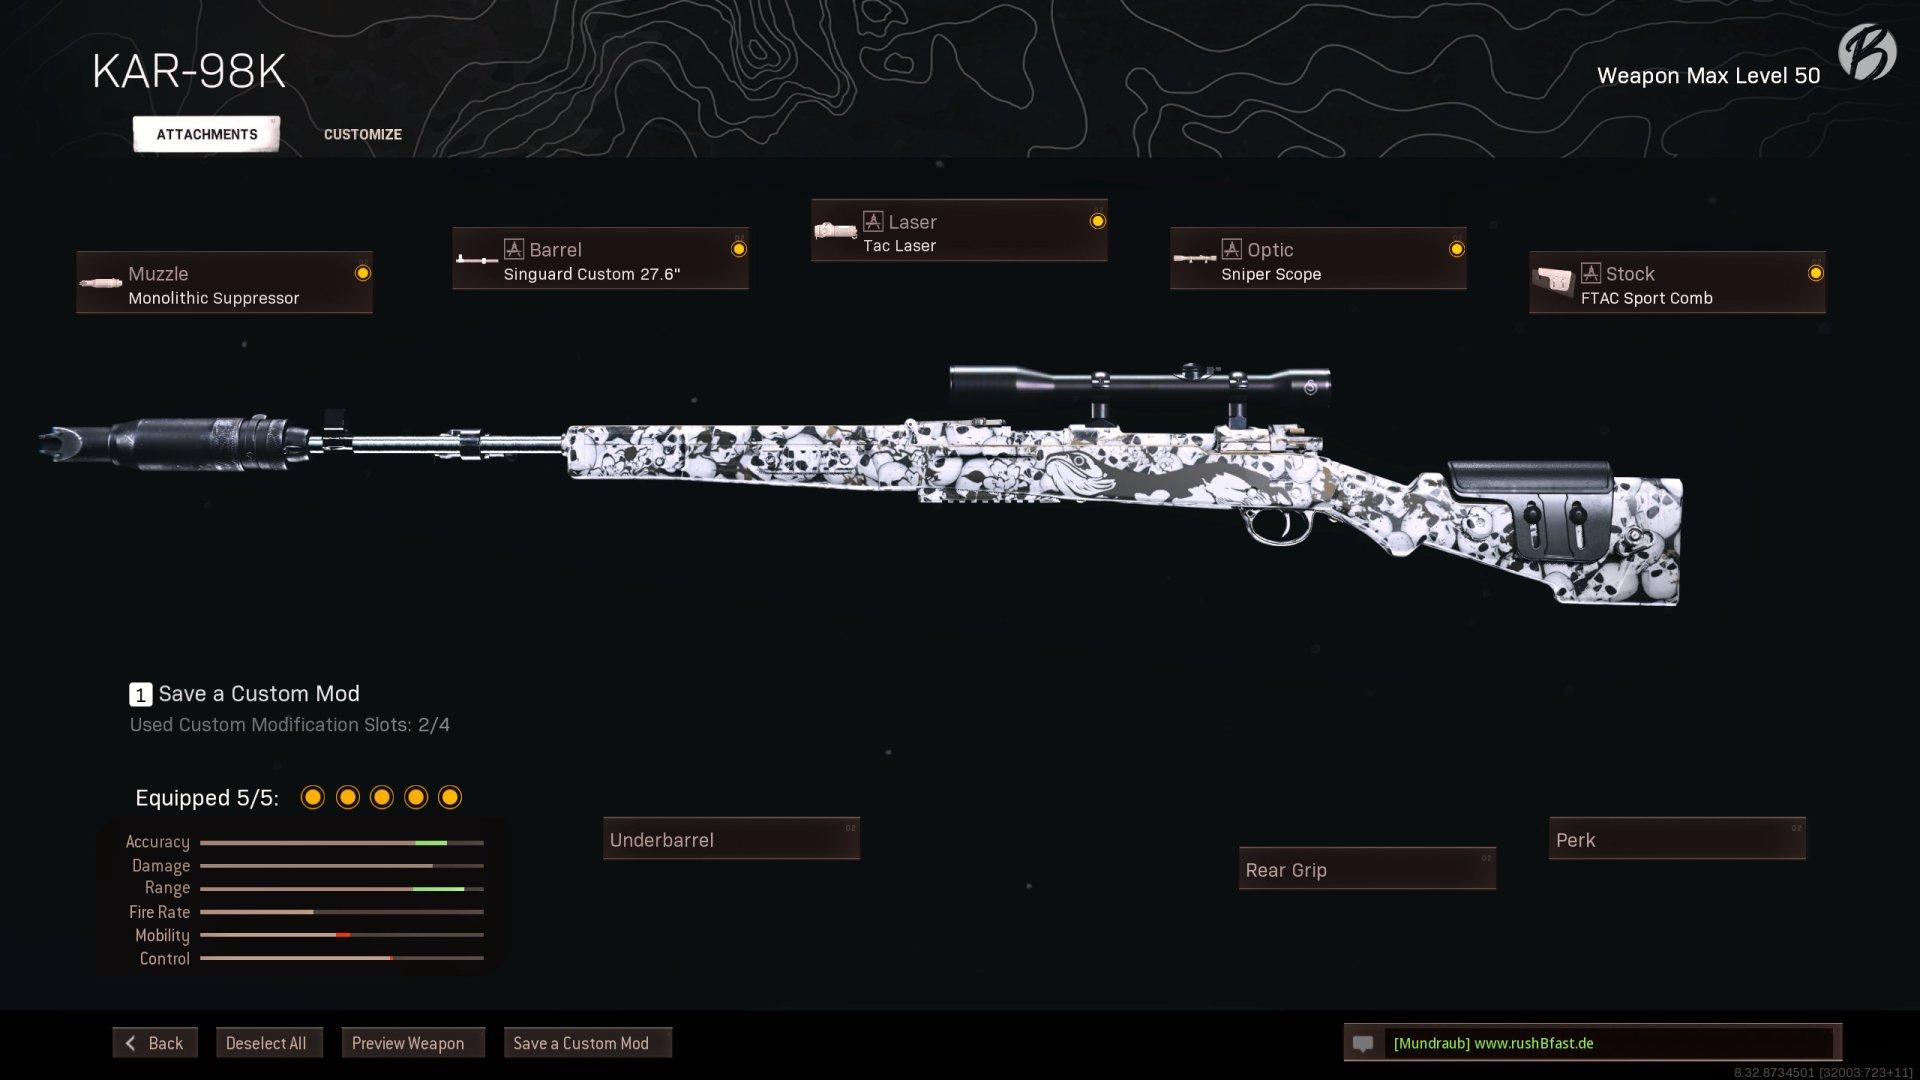 Call of Duty Warzone - Cold War Season 2 - Kar98k